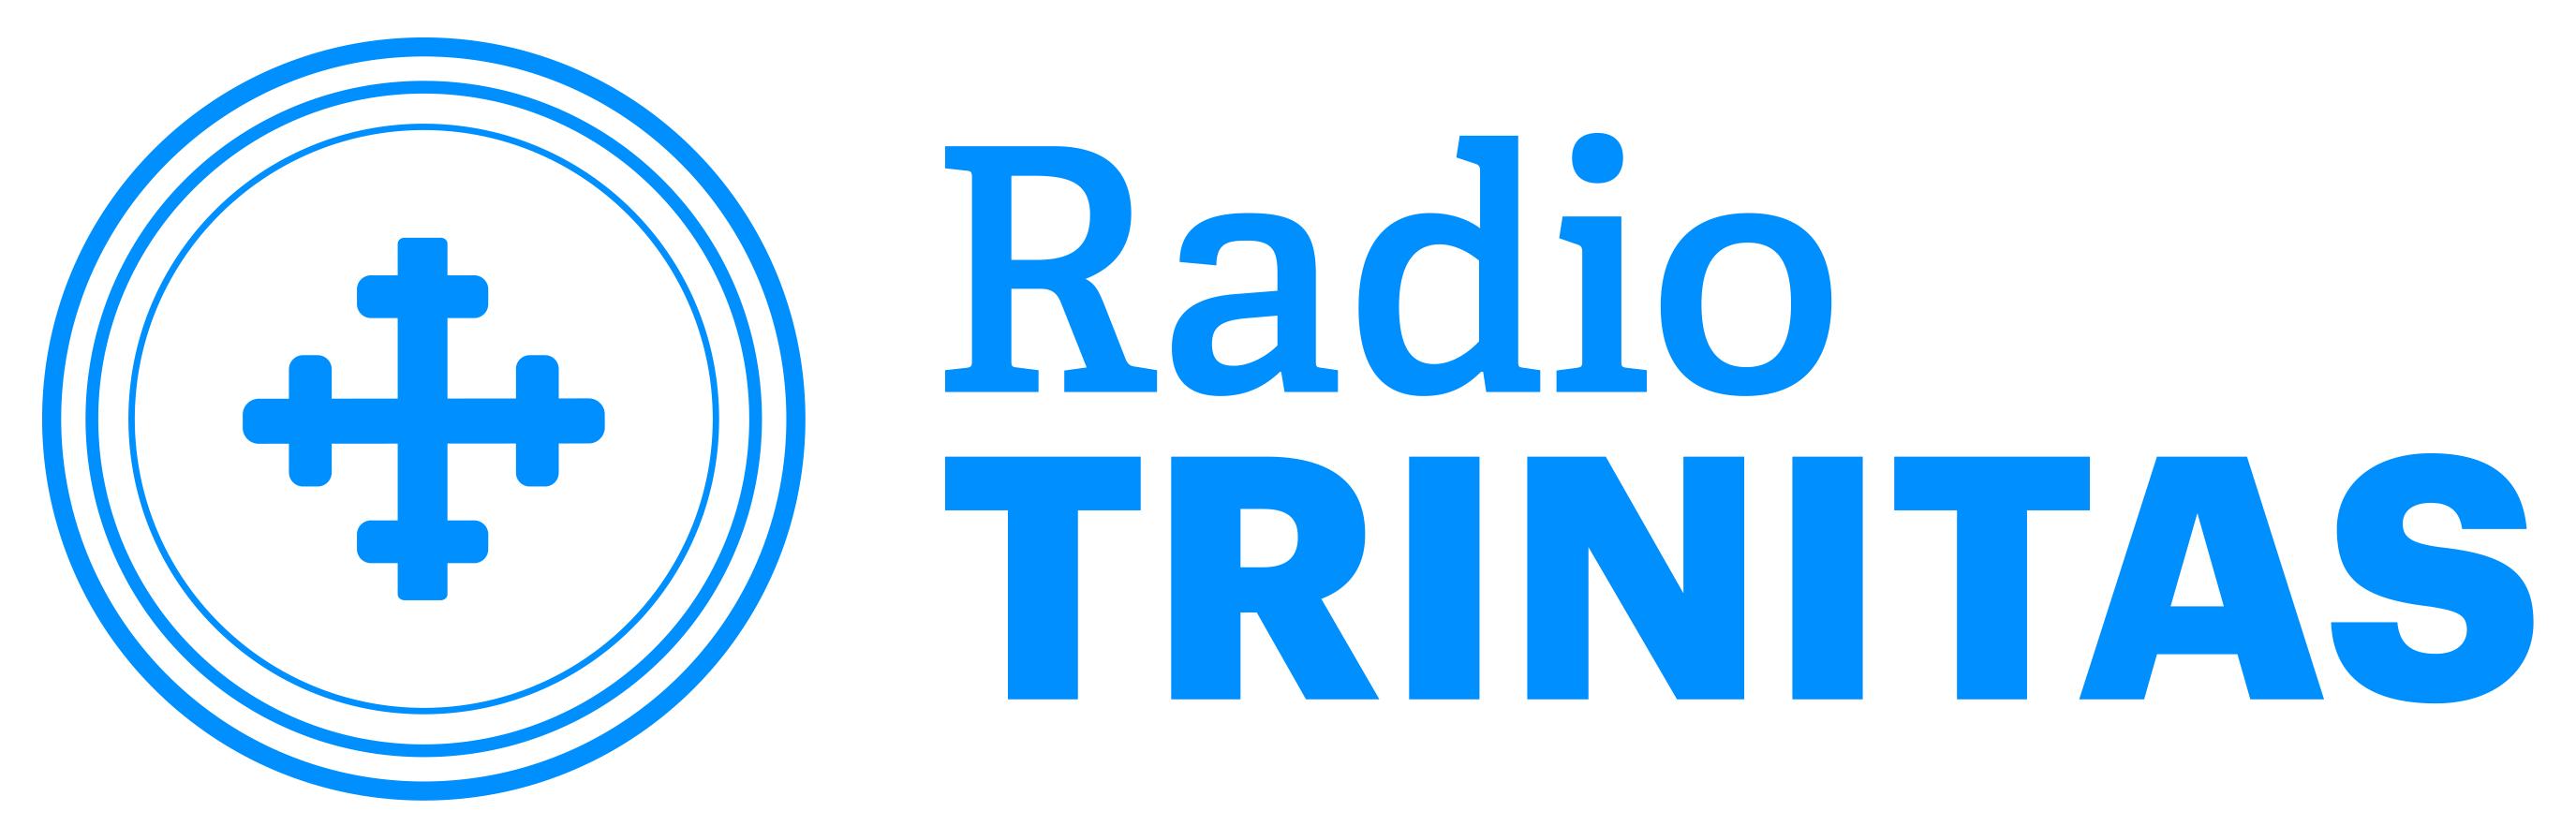 LOGO-2018-Radio-TRINITAS-01